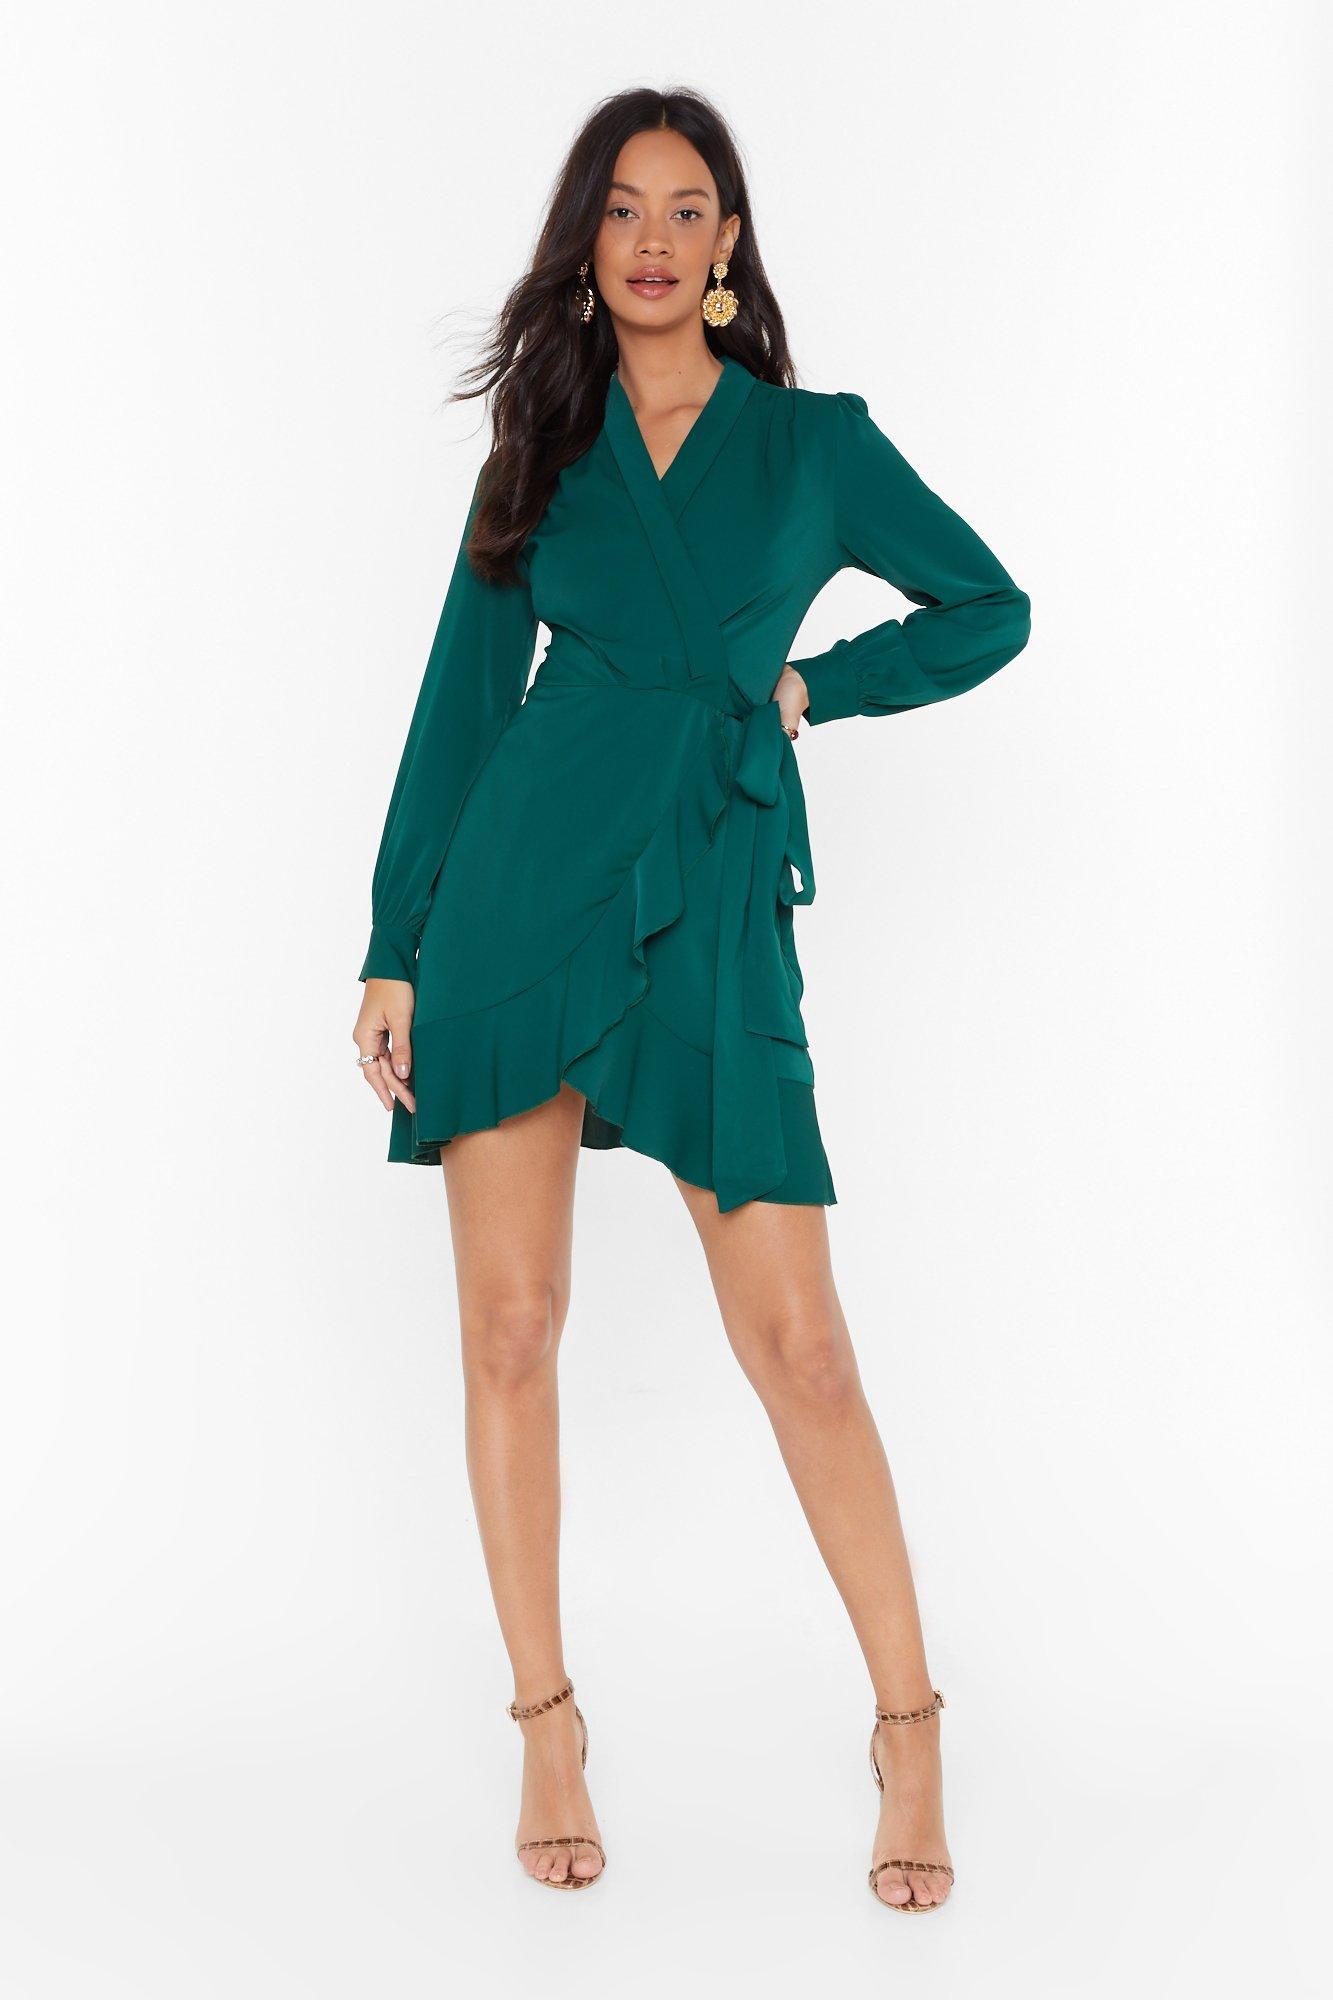 Image of Just Wrap It Up Ruffle Mini Dress